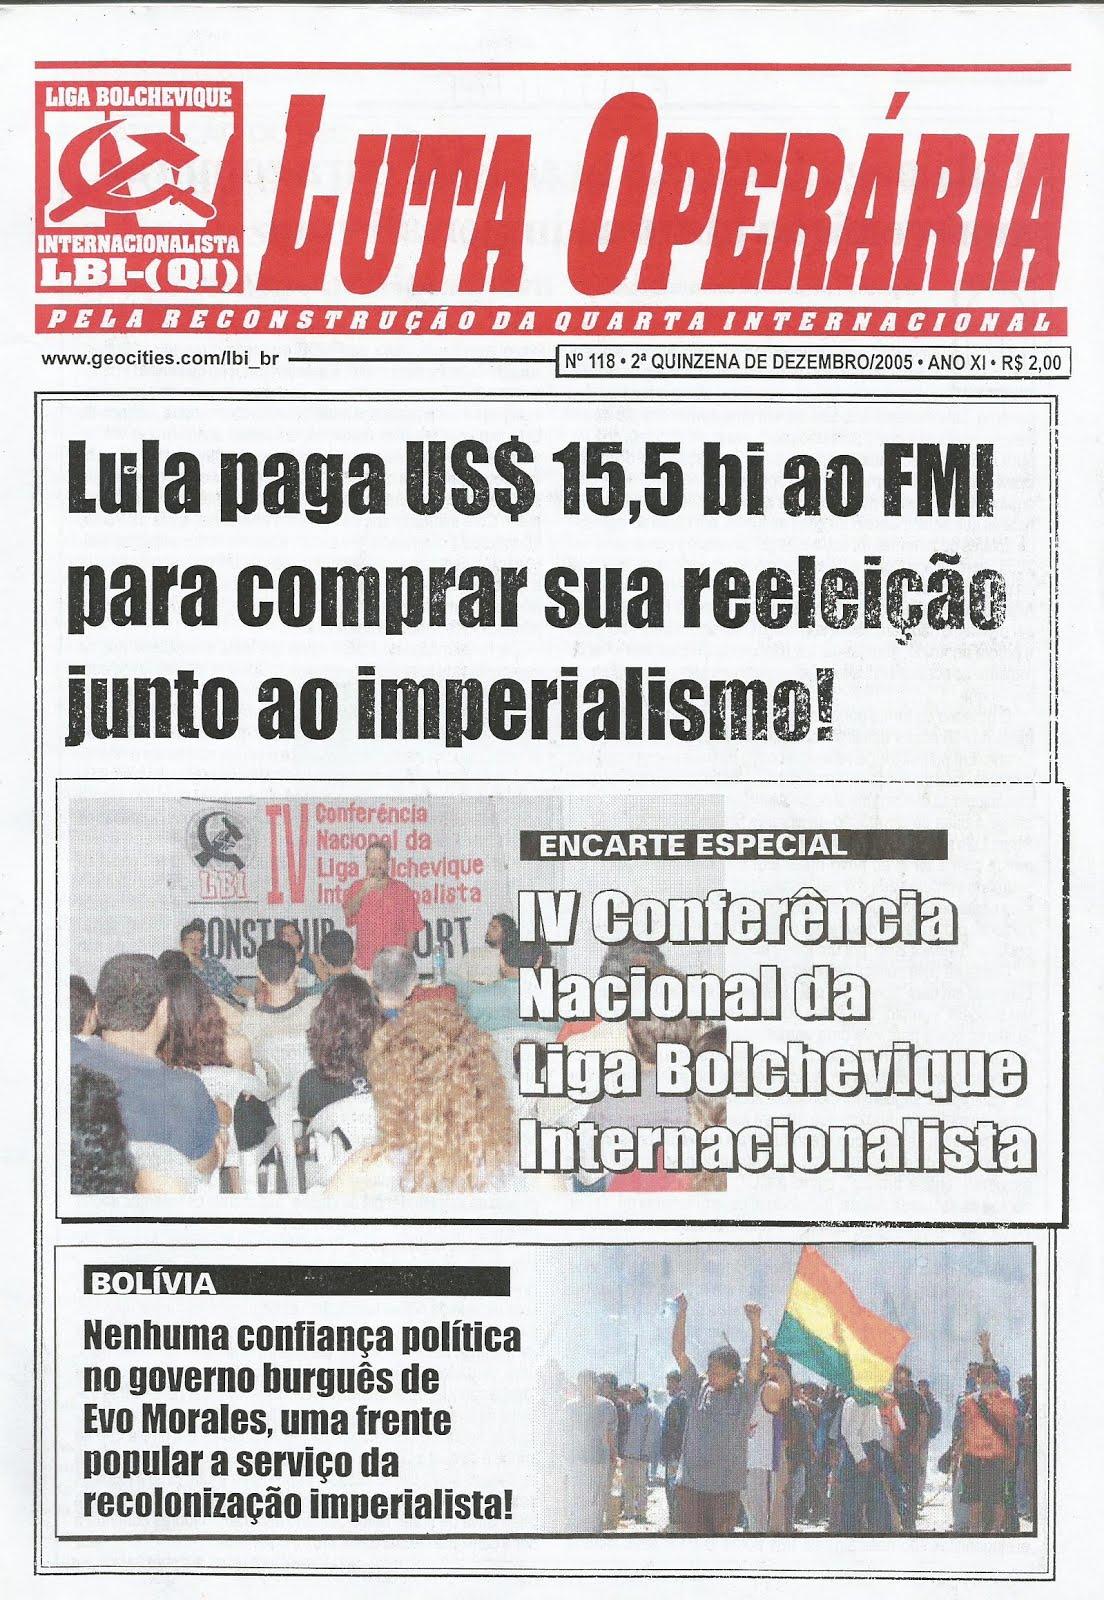 LEIA A EDIÇÃO DO JORNAL LUTA OPERÁRIA Nº 118 - 2ª QUINZ. DE DEZEMBRO/2005